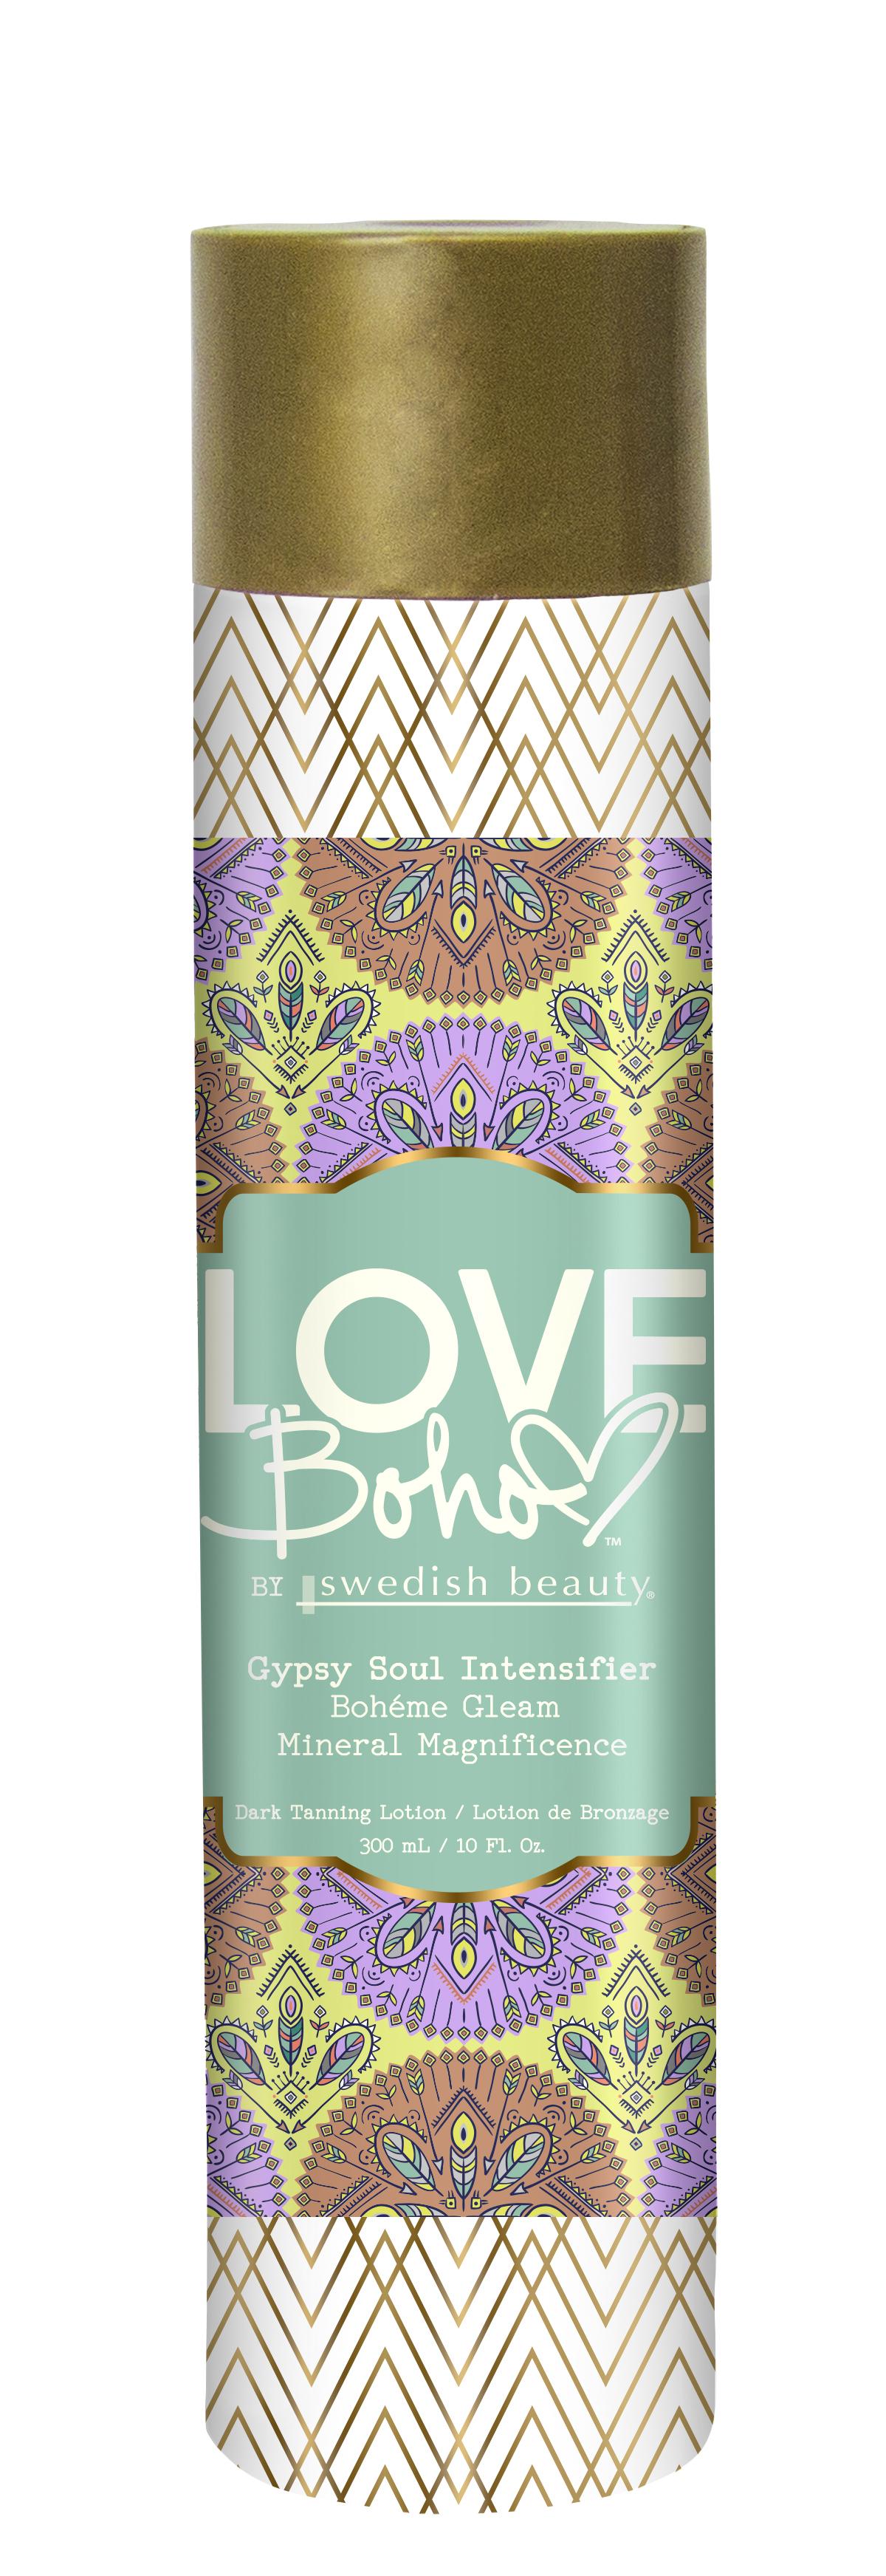 Love Boho™ Intensifier BOTTLES & PKTS ON SALE!